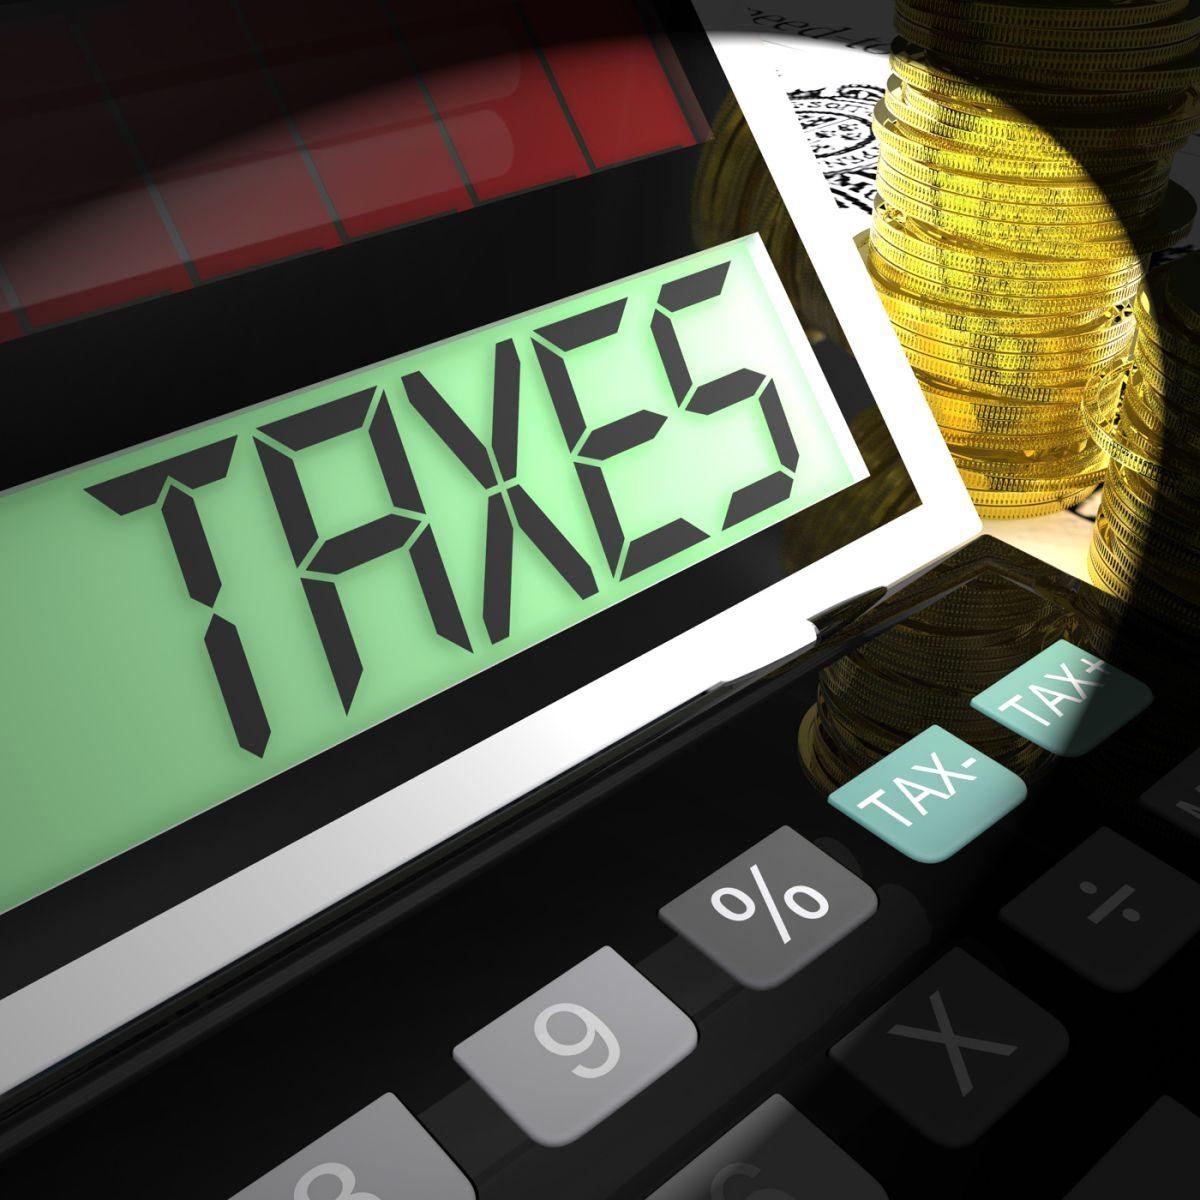 Hasta el 17 de mayo hay tiempo para solicitar al IRS el reembolso de impuestos por 1.3 mil millones de dólares sin reclamar